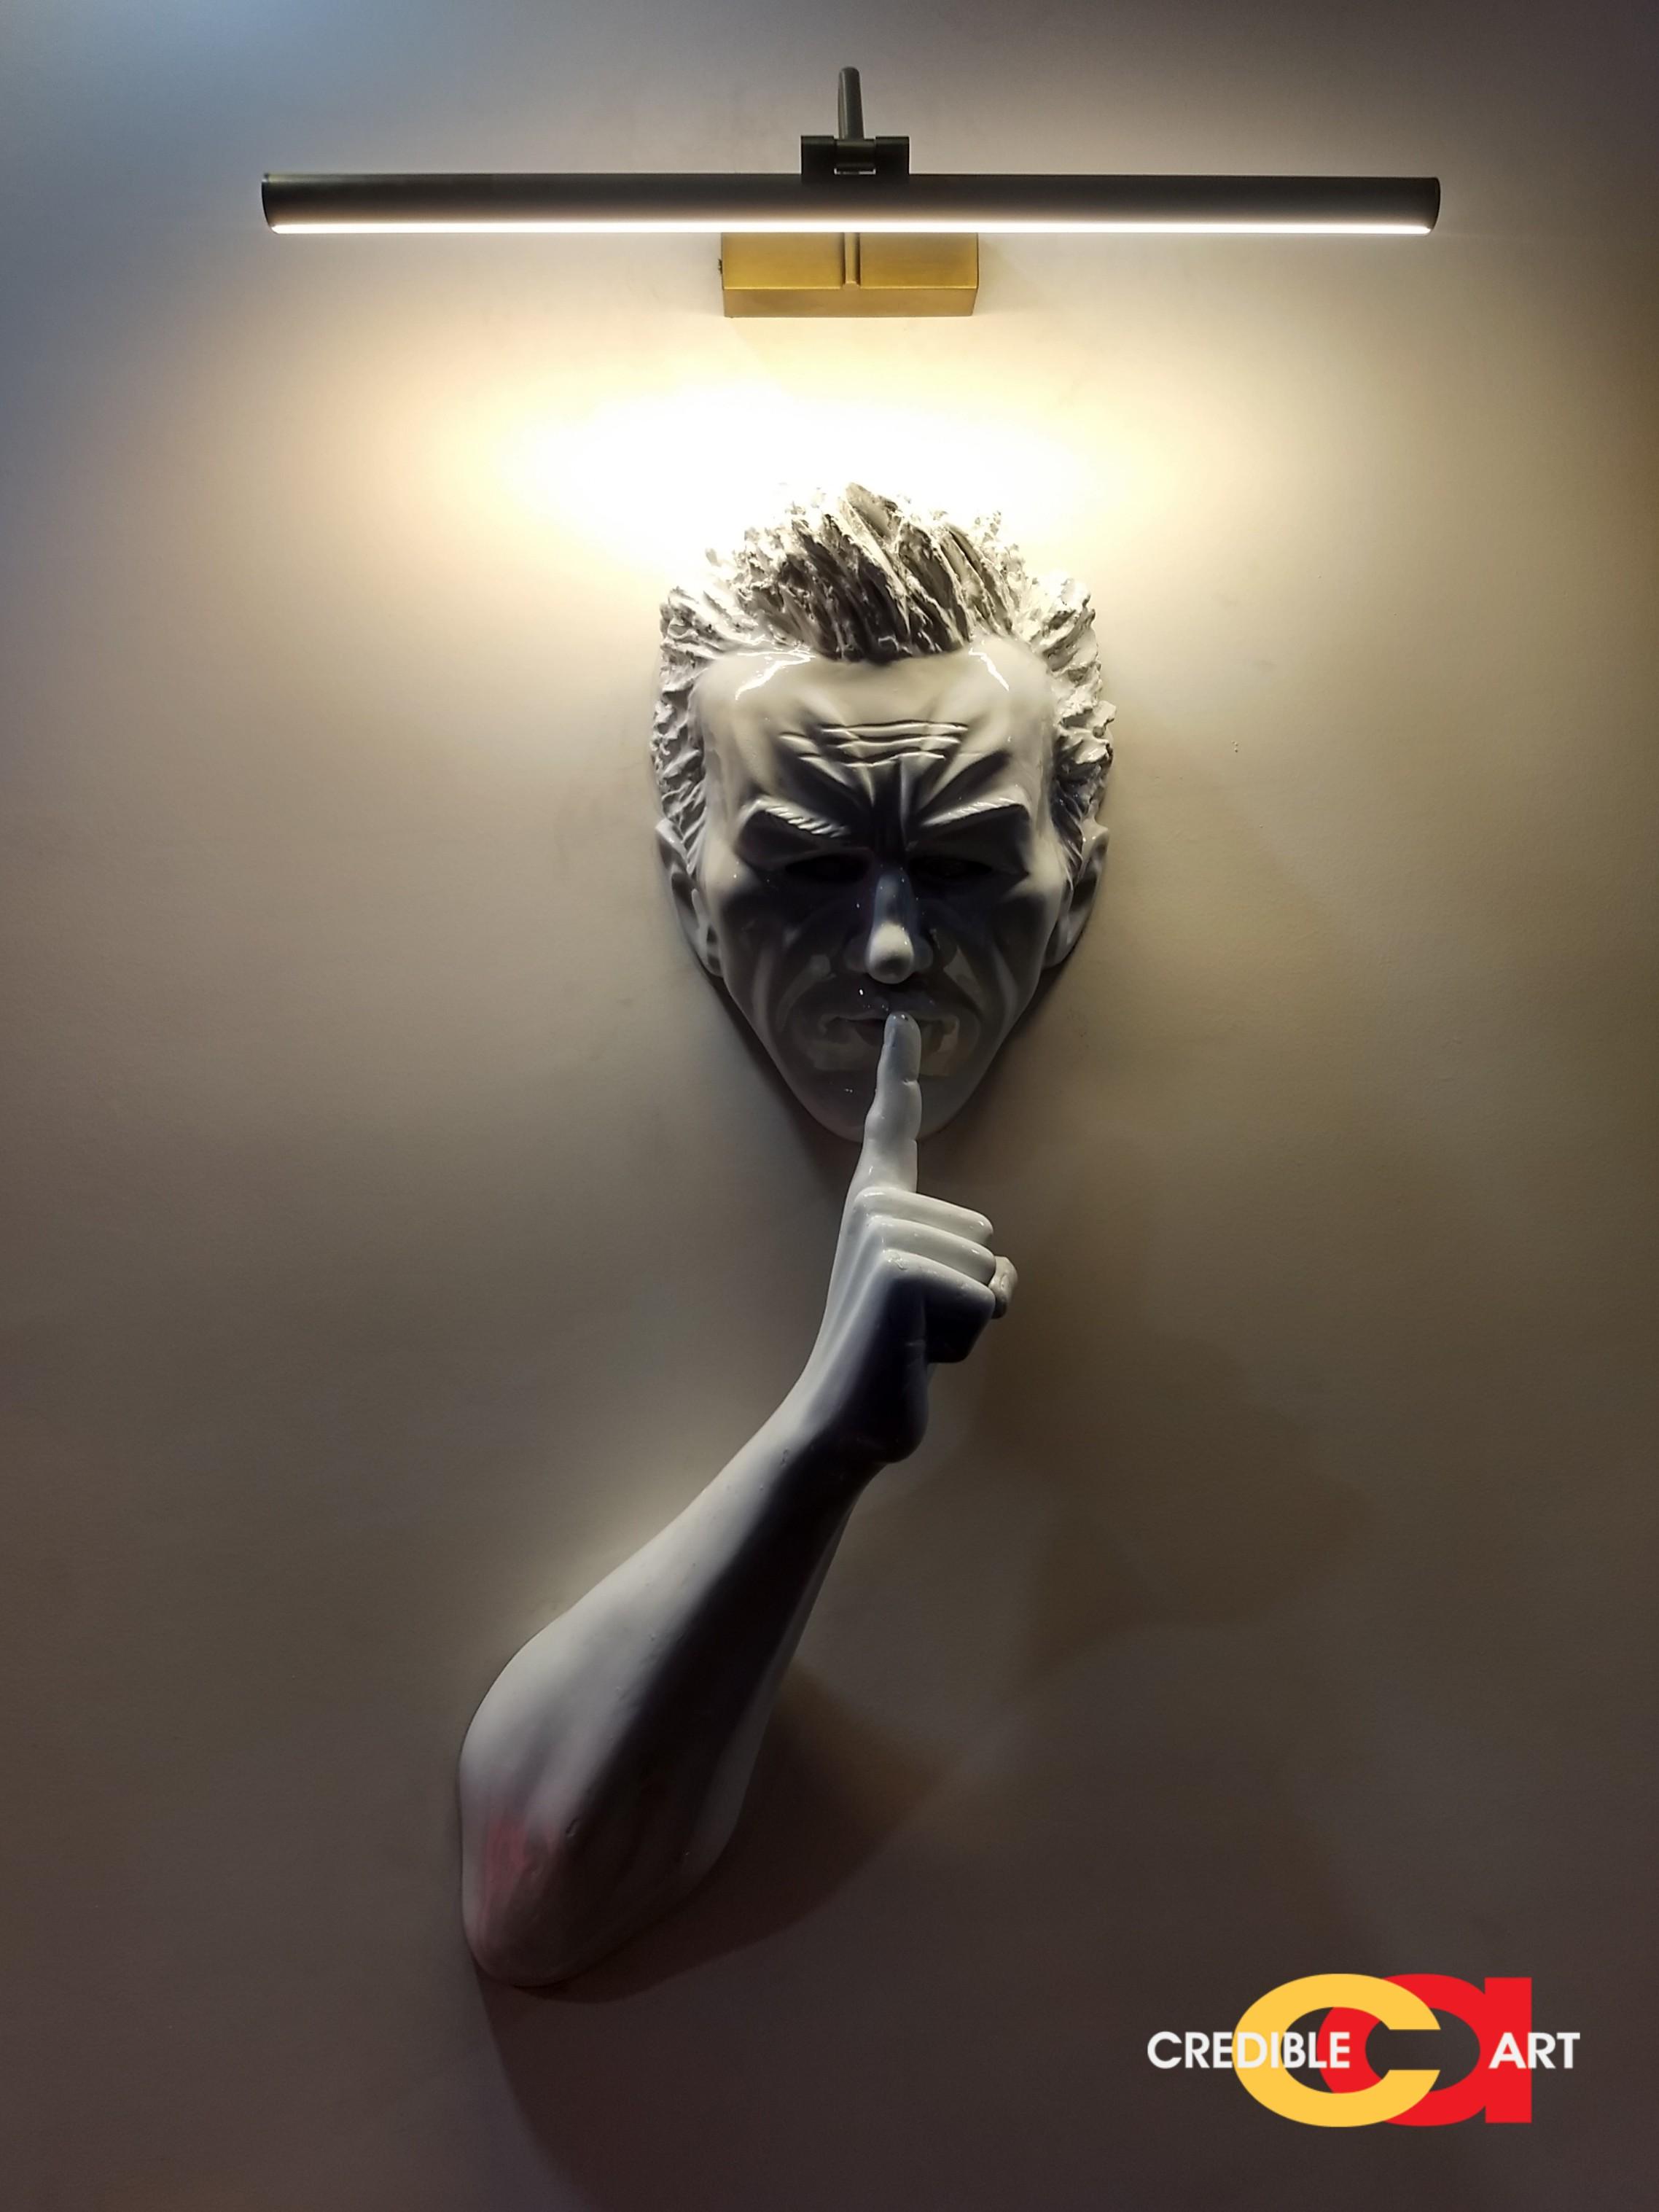 Wall 4D sculpture